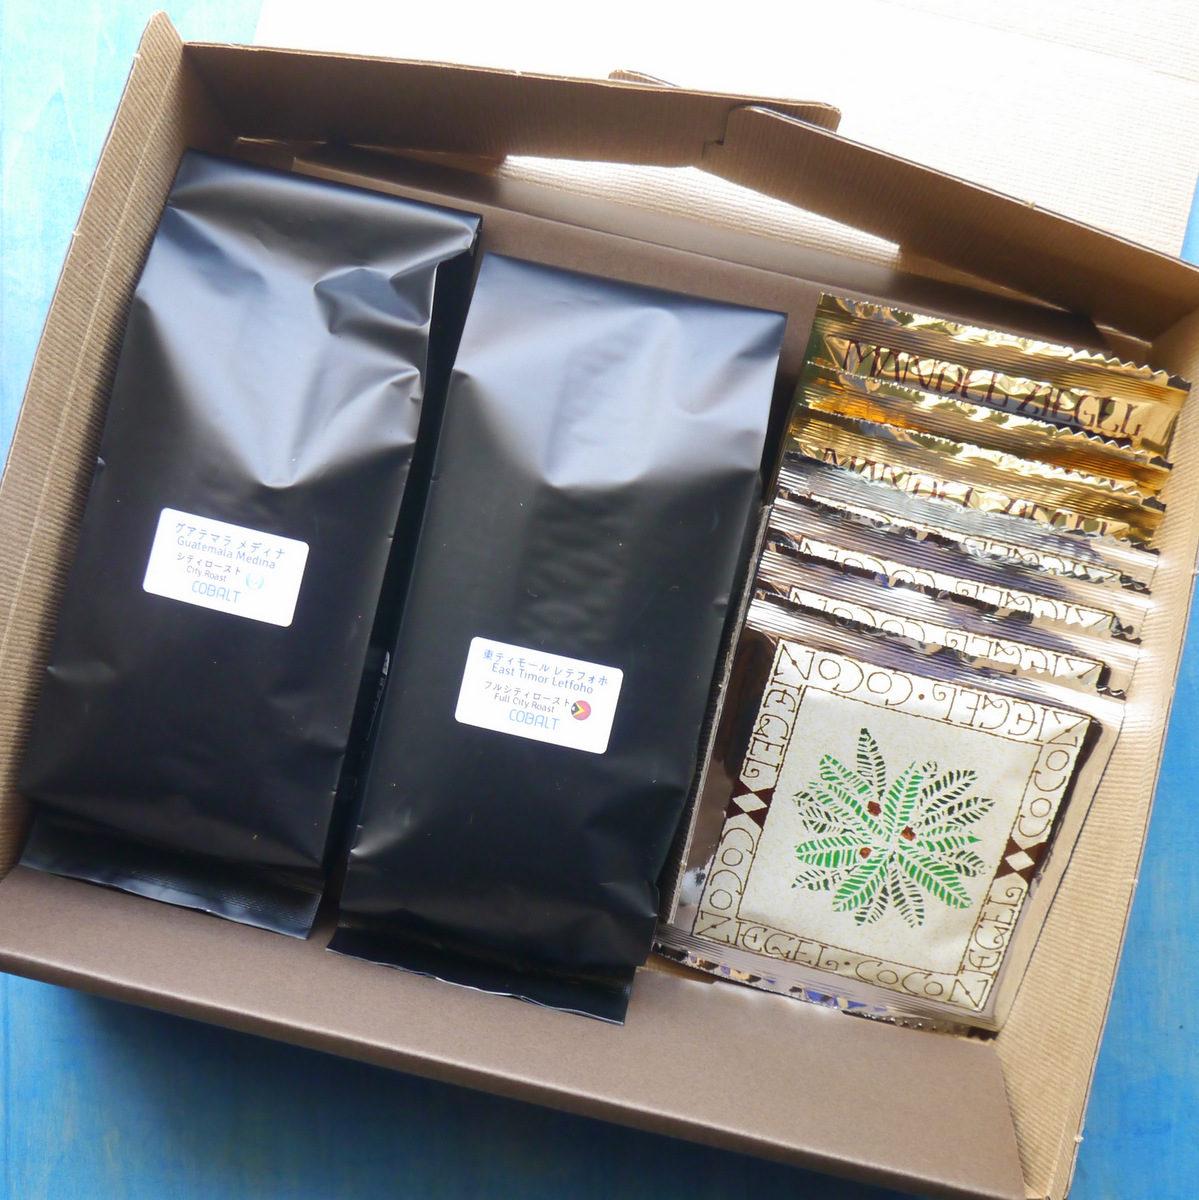 コーヒー豆&マンデルチーゲル&ココチーゲル